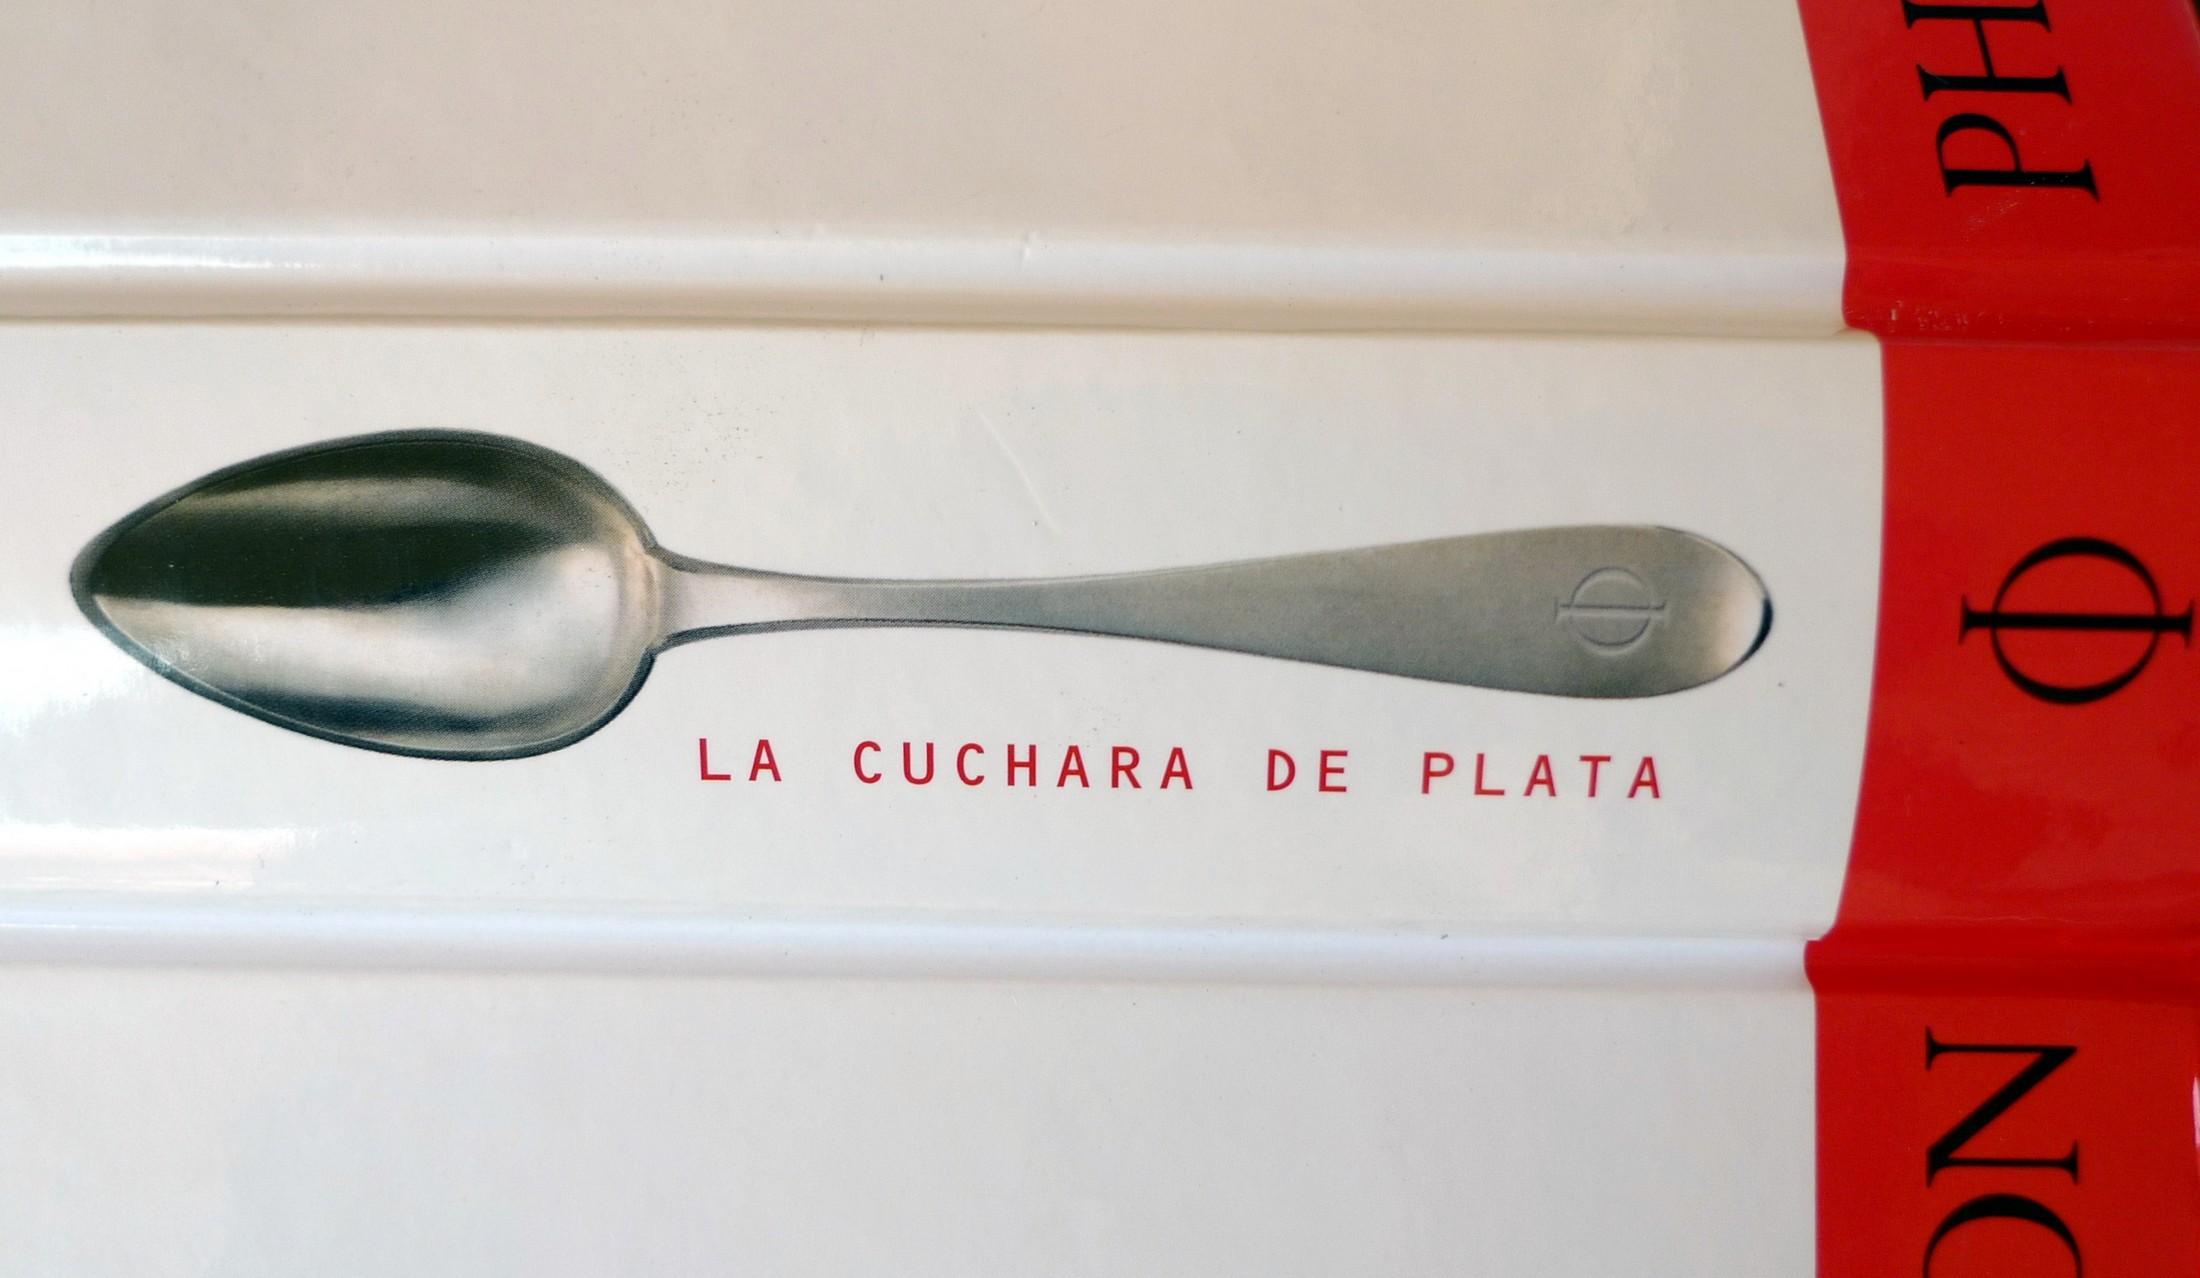 La cuchara de plata: pasta